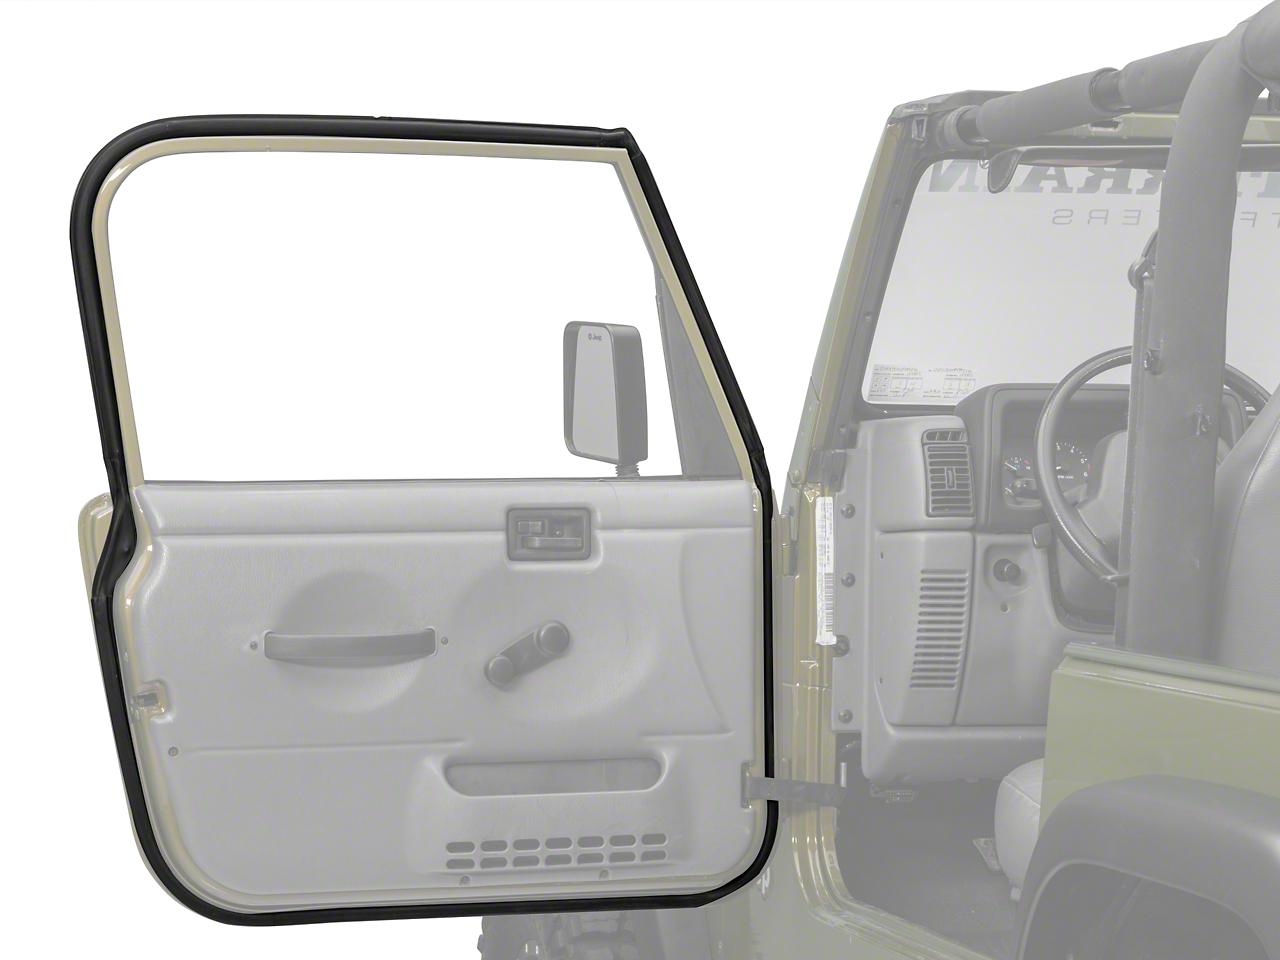 OPR Drivers Side Door Seal (97-06 Wrangler TJ)